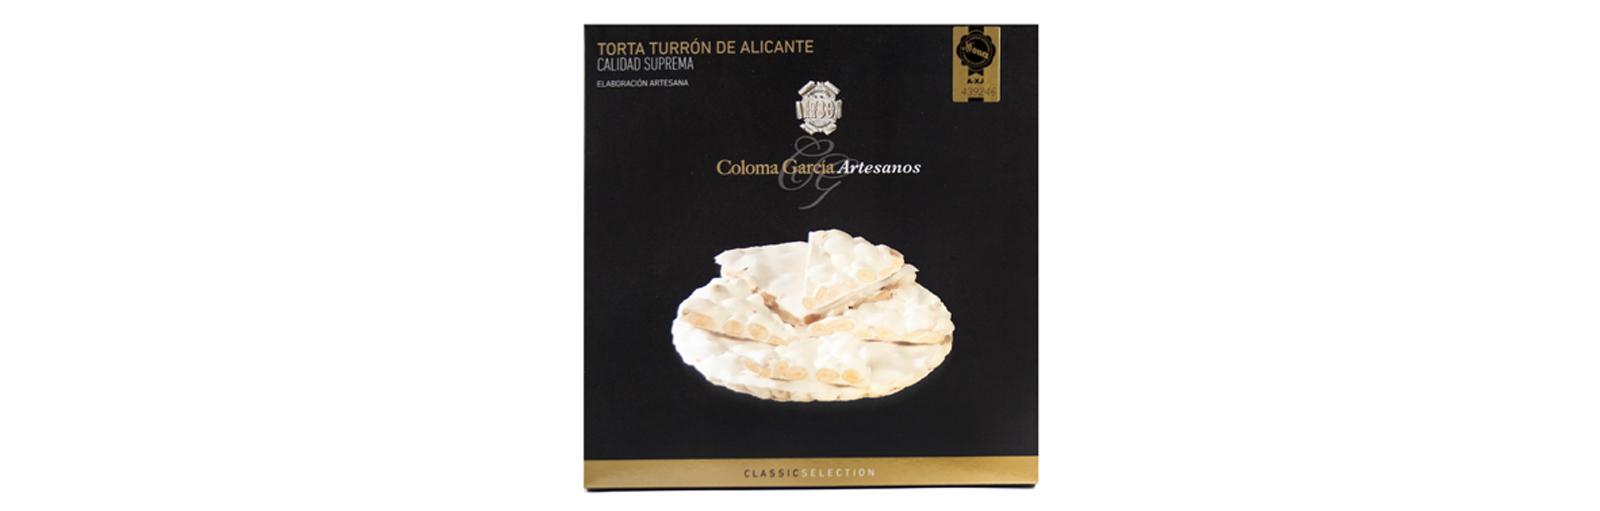 TORTA DE TURRON DE ALICANTET